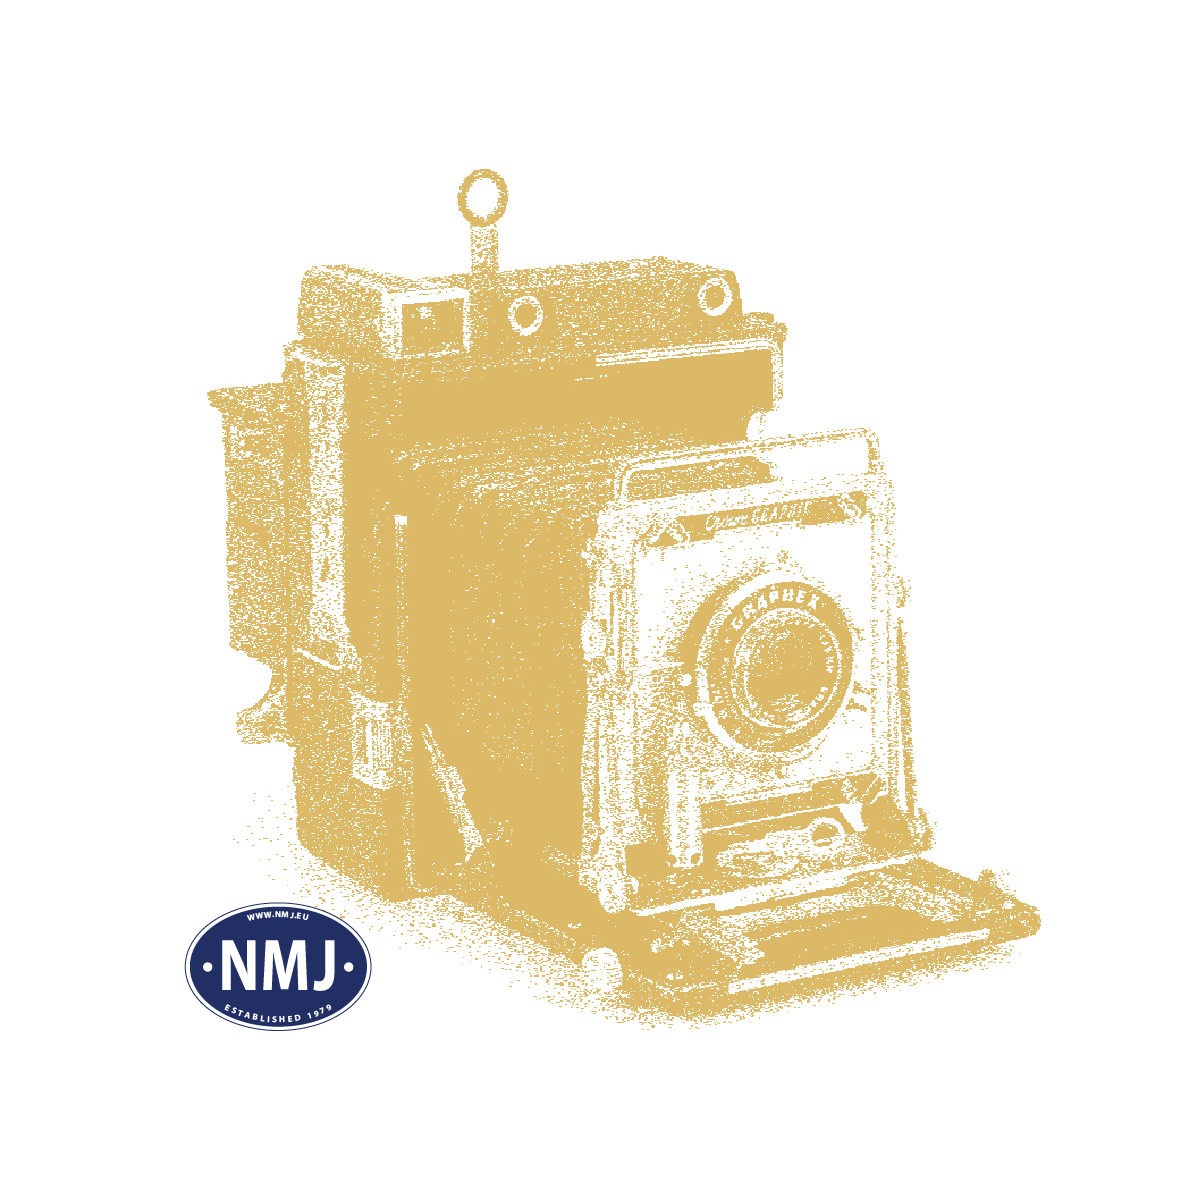 NOC15227 - Forretningsfolk